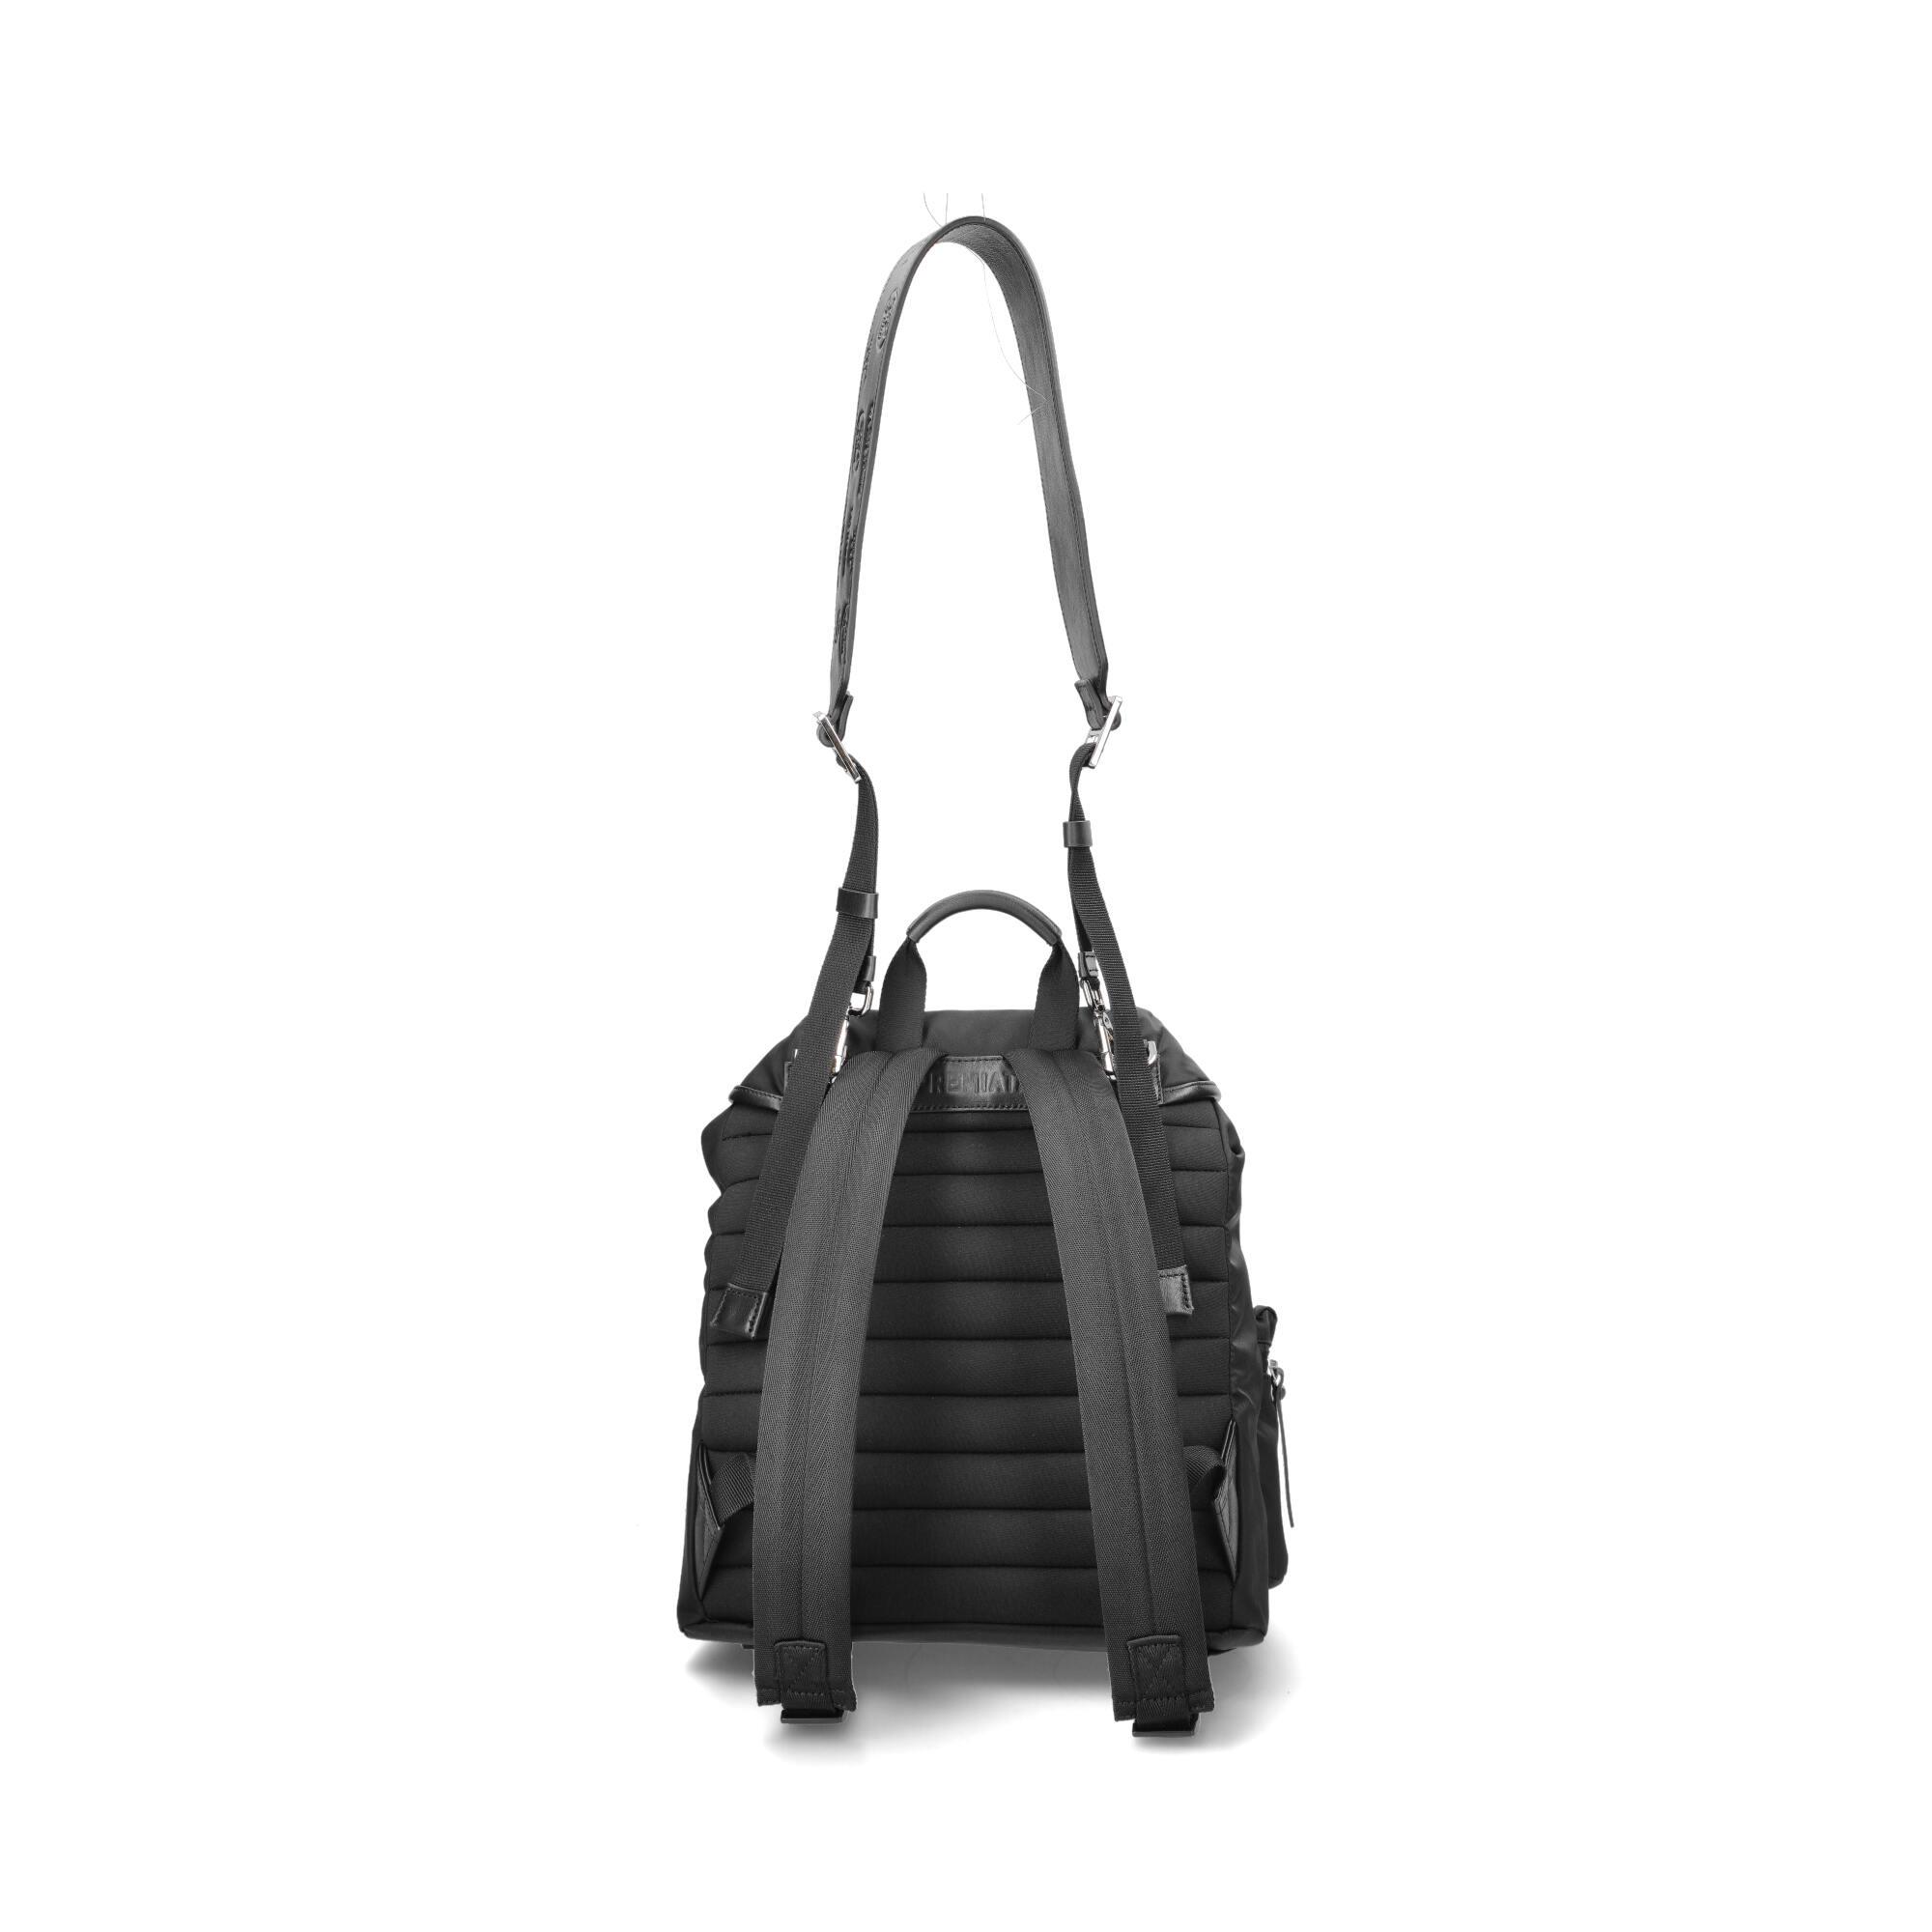 Il modello di zaino Lyn ha spallacci imbottiti e una comoda tracolla per poterlo indossare anche come una borsa